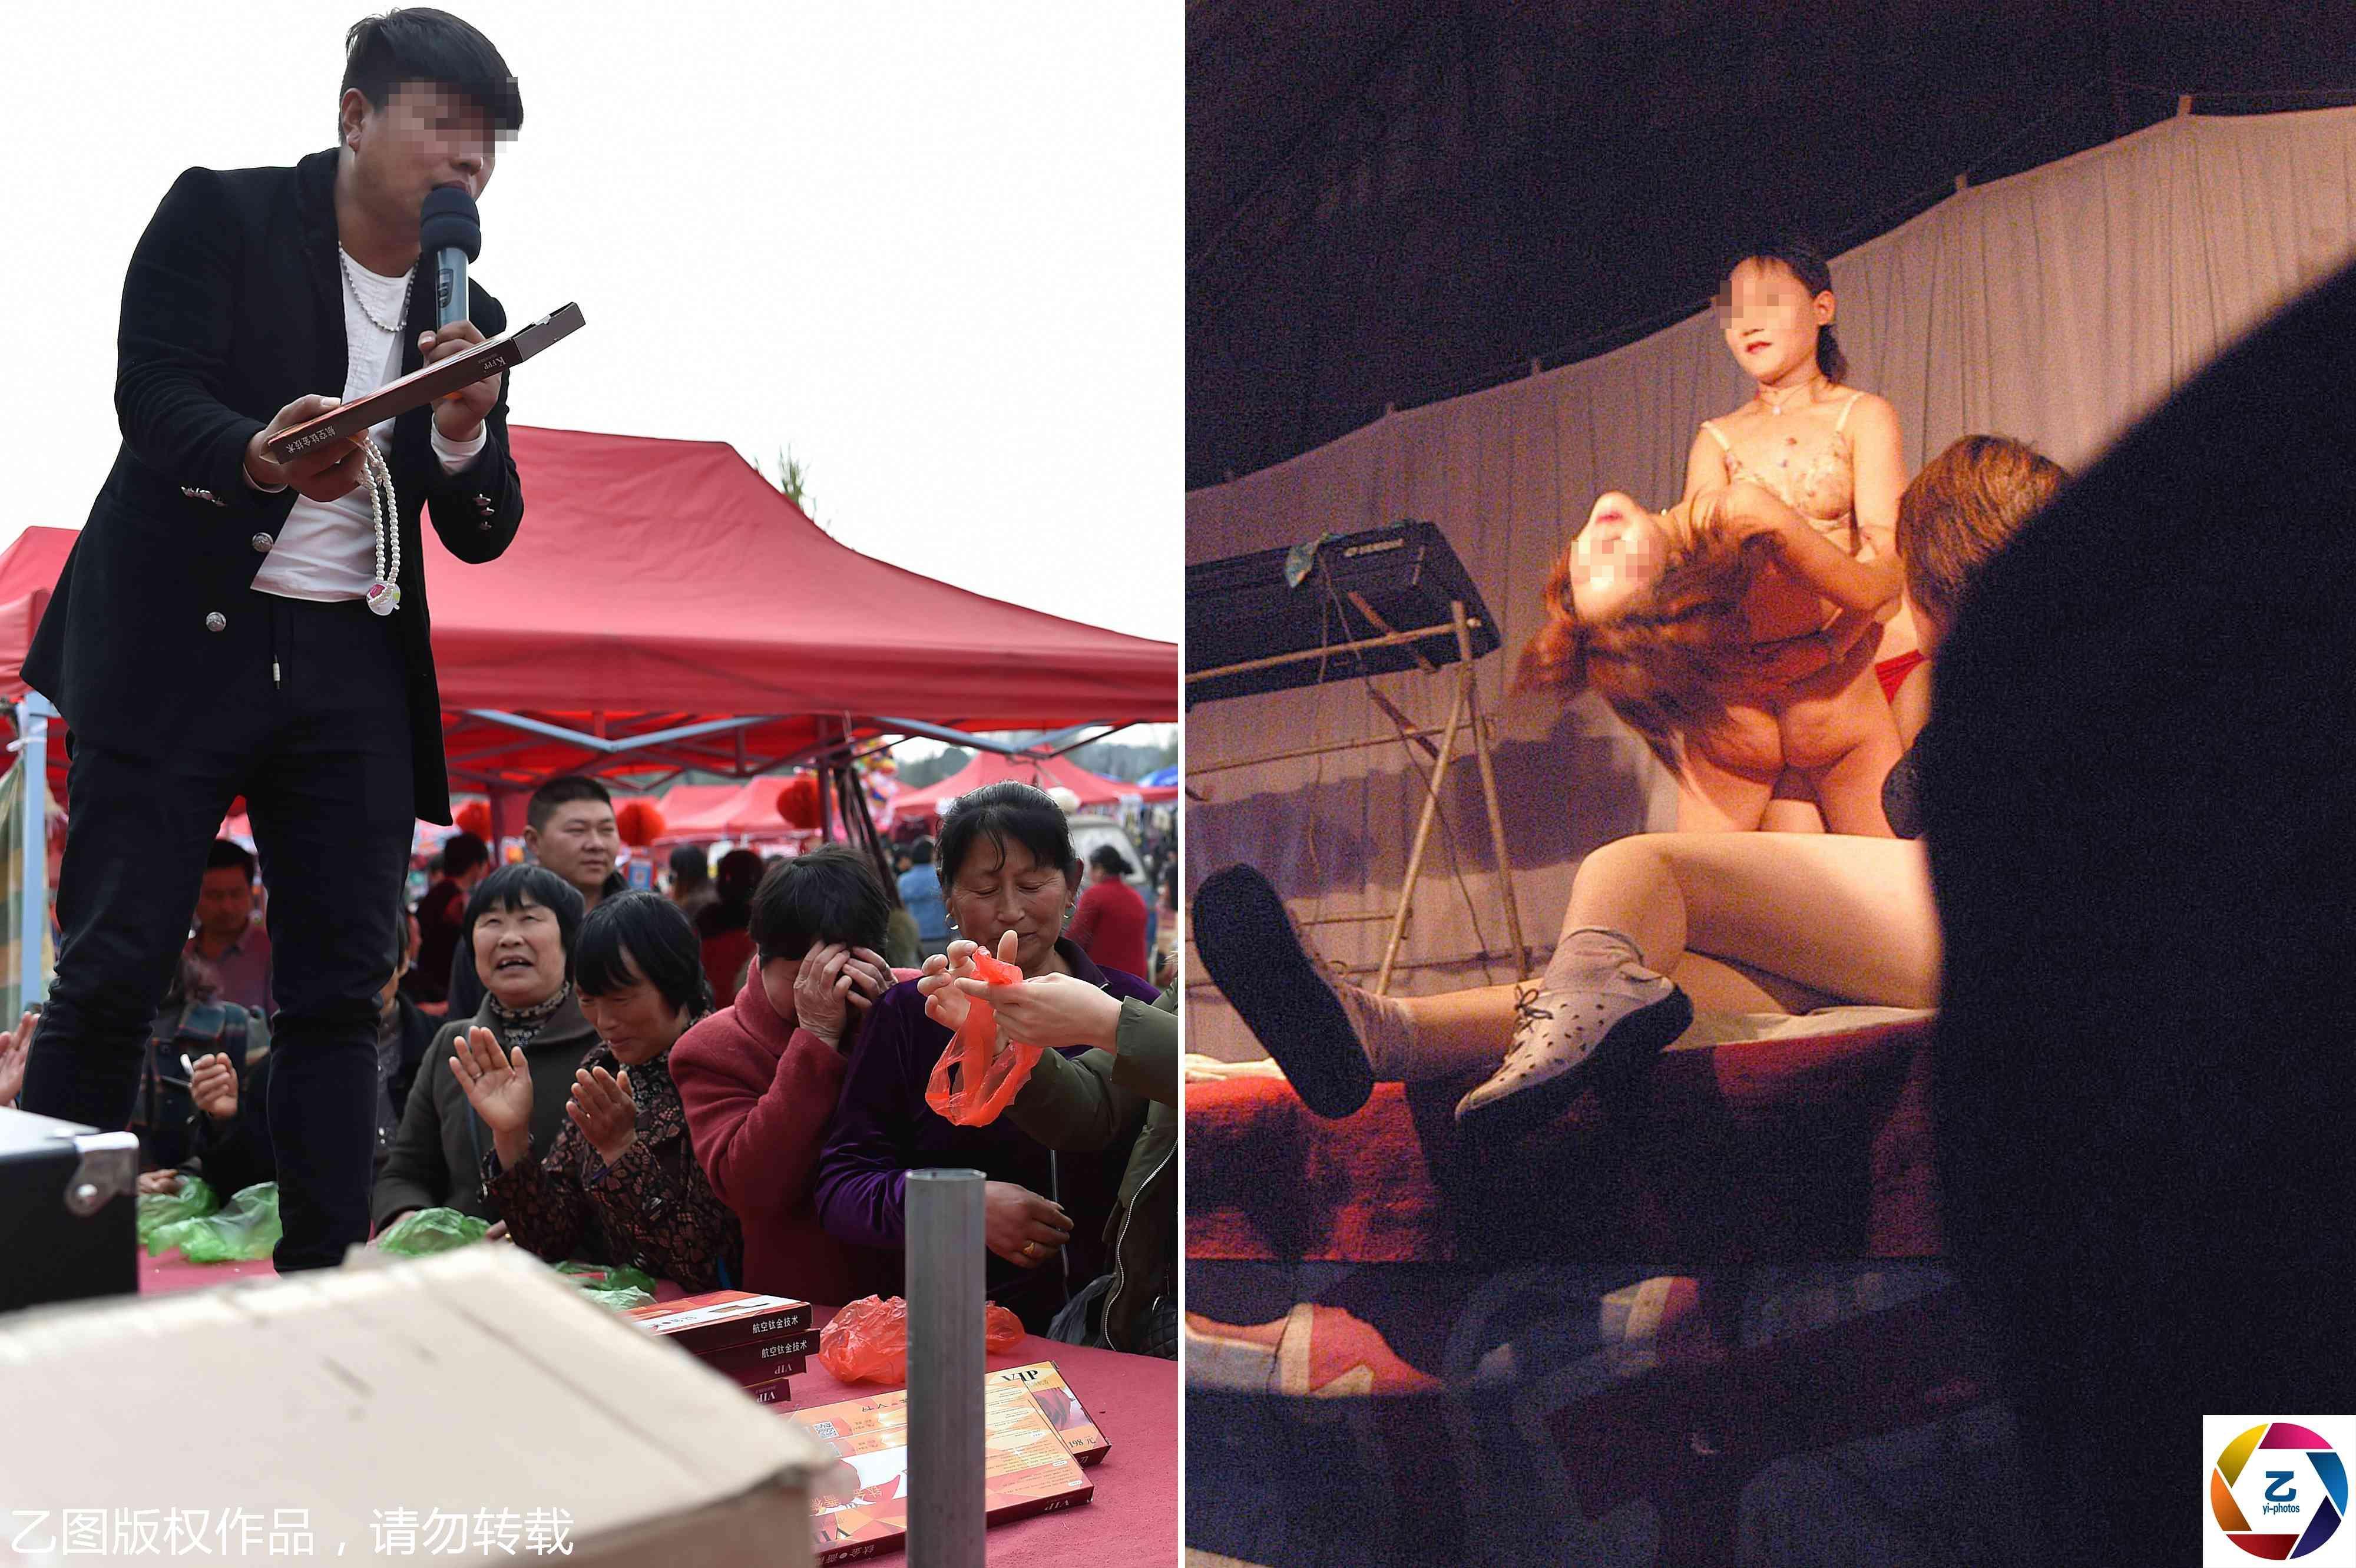 农村大棚裸舞表演_从低俗艳舞到骗子聚会,实拍乡村庙会15年之变